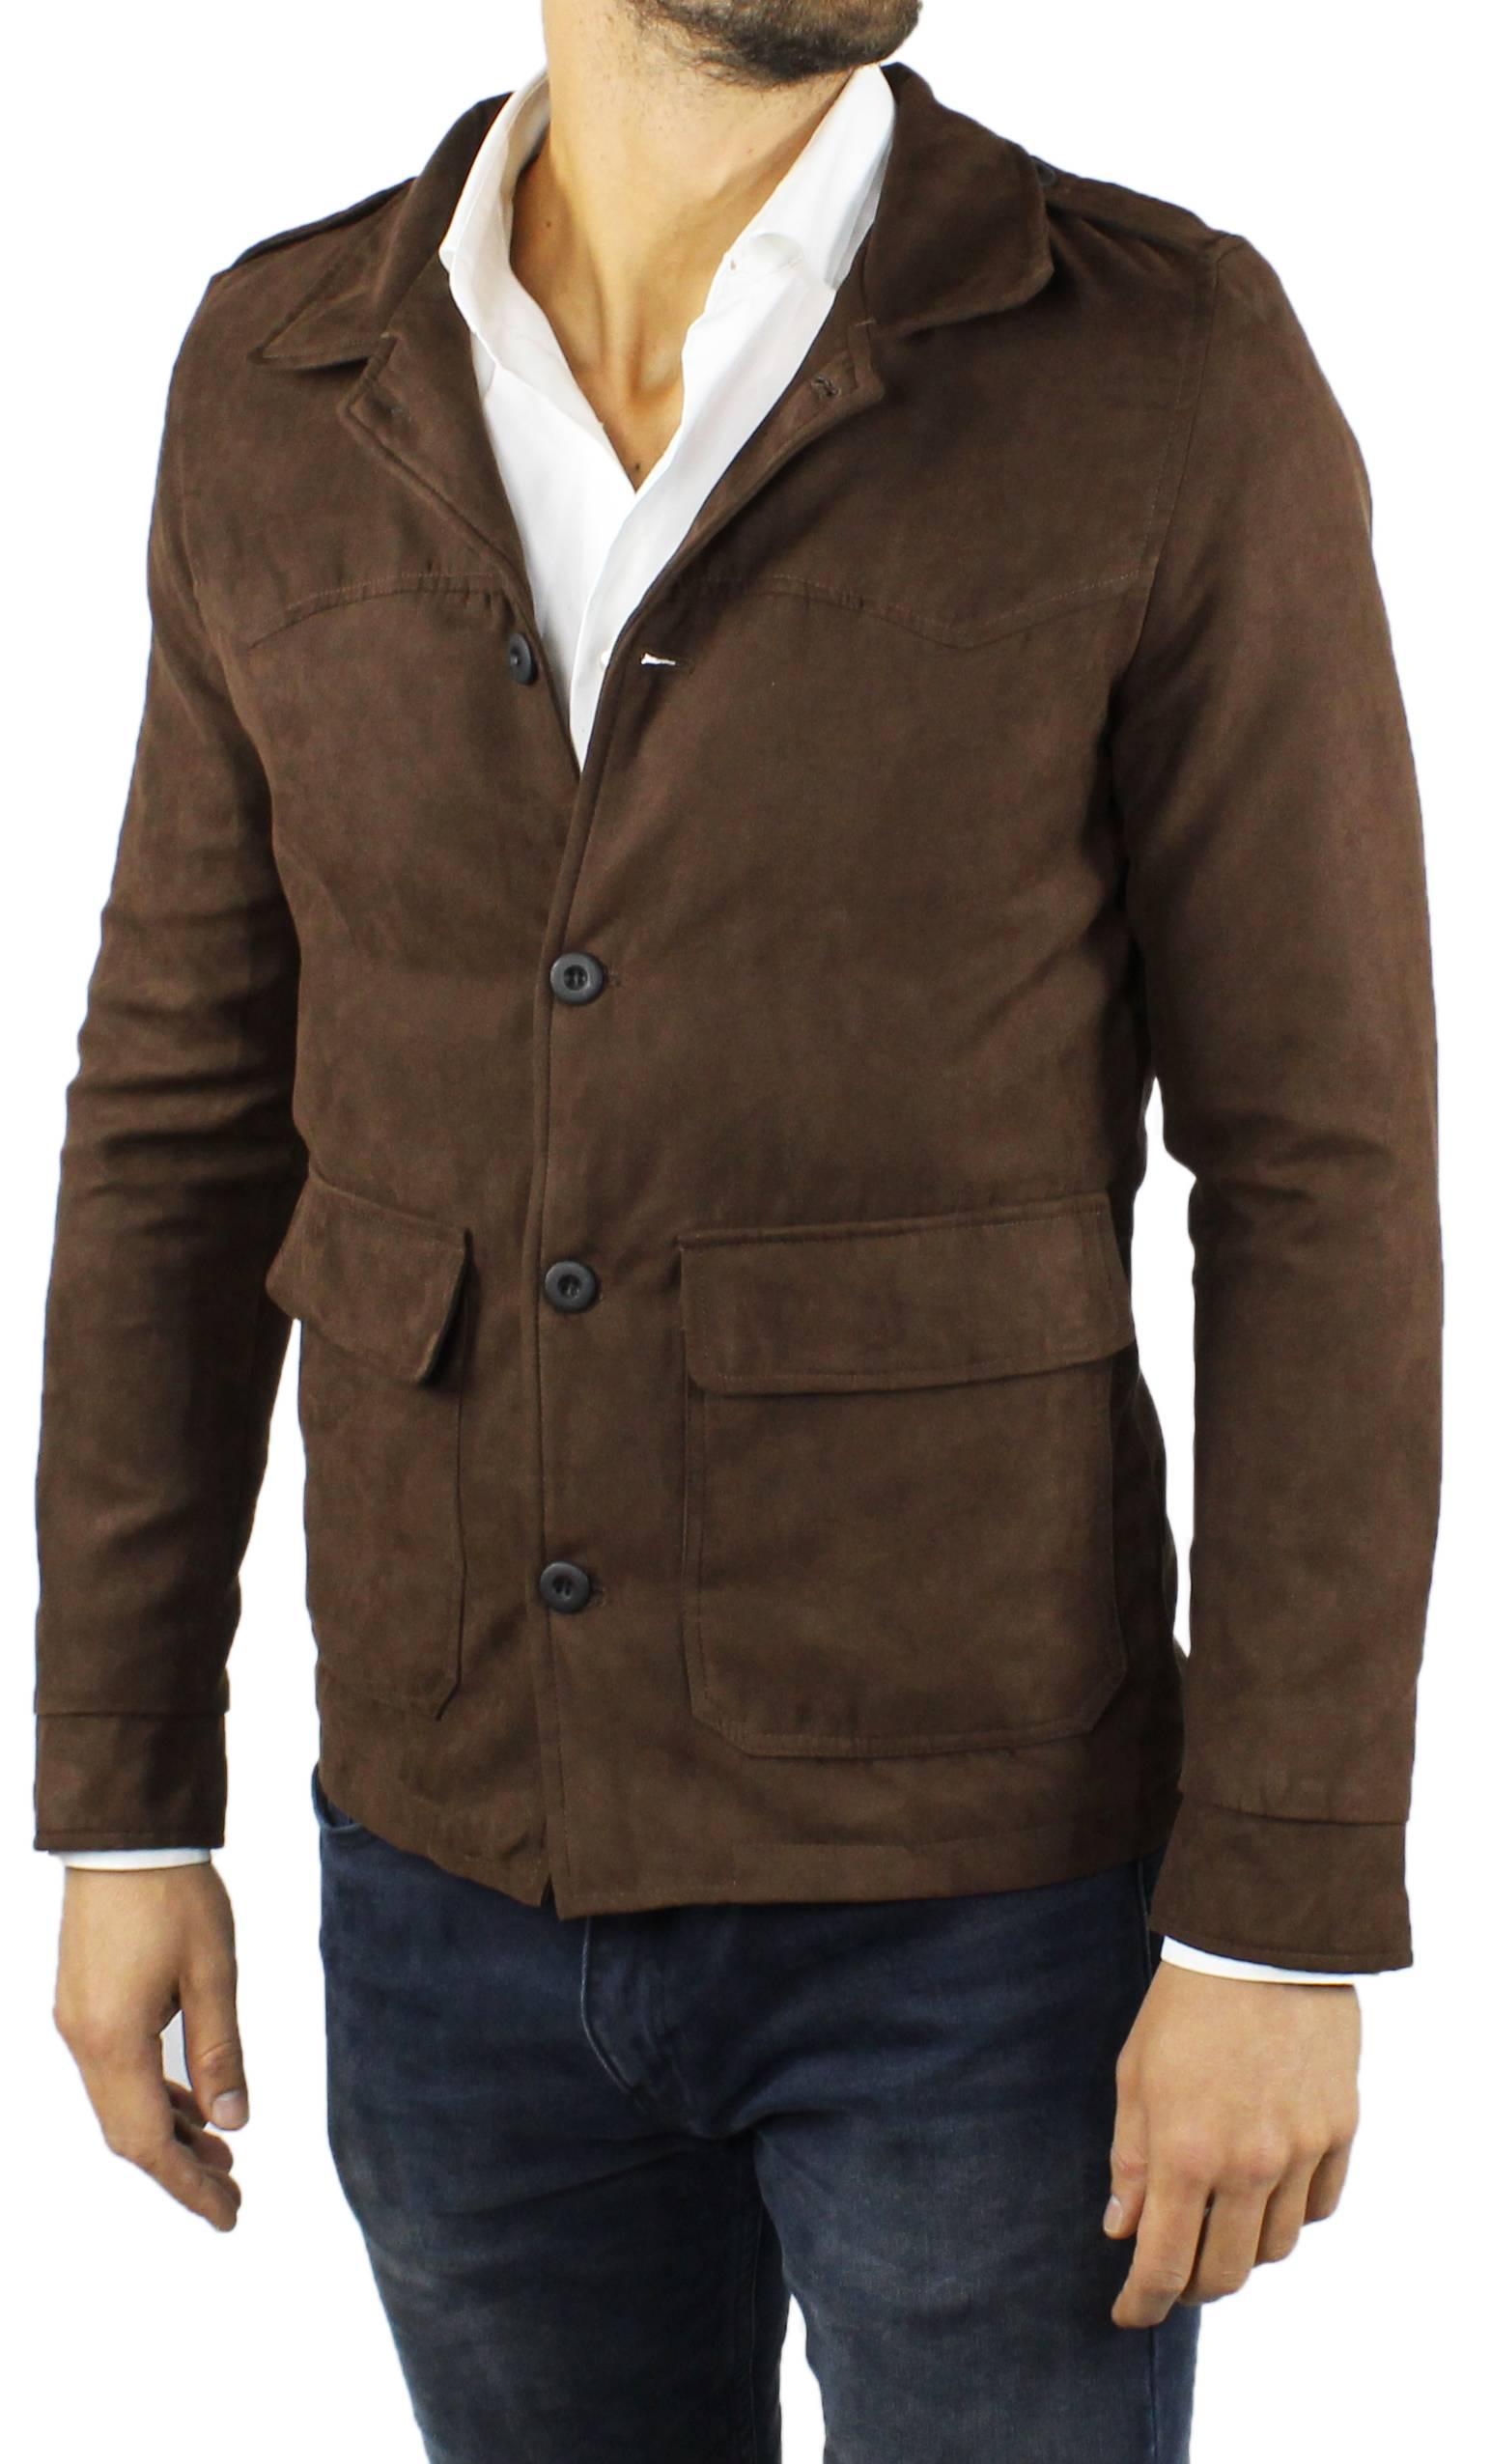 Cappotto-Uomo-Scamosciato-Invernale-Elegante-Giubbotto-Giacca-Trench-Casual miniatura 10